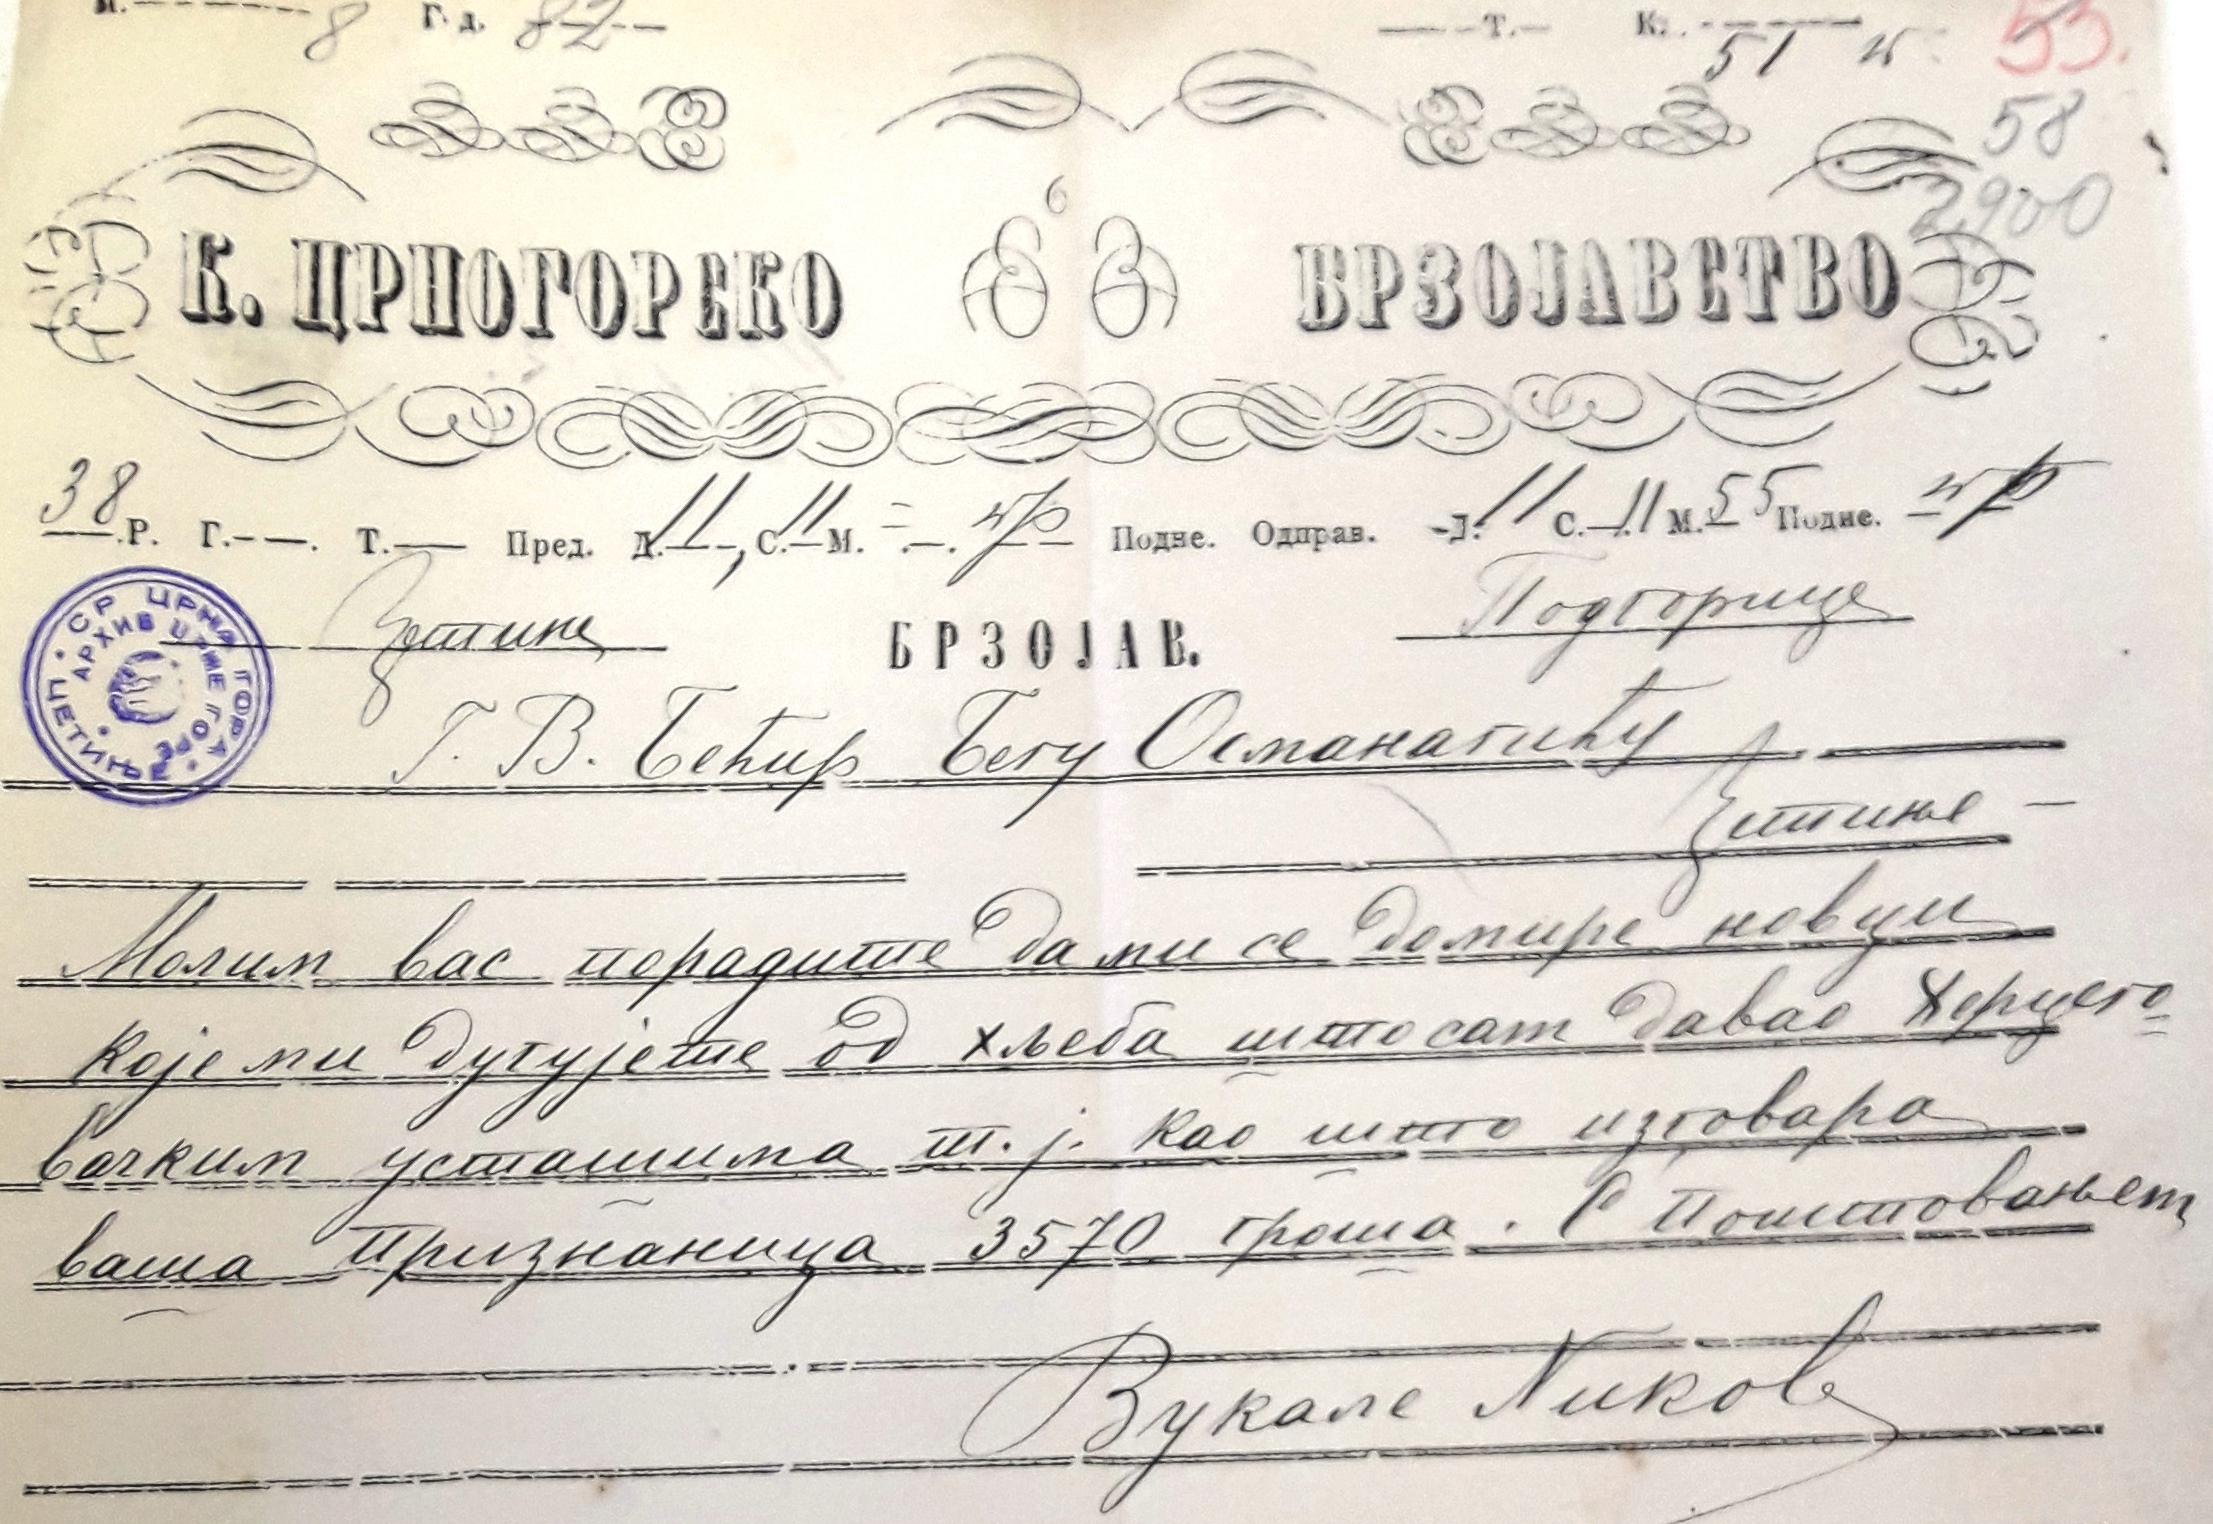 Molba podgoričkom kapetanu Bećir begu Osmanagiću za izmirenjem duga podgoričke opštine, MUD, avgust 1882.